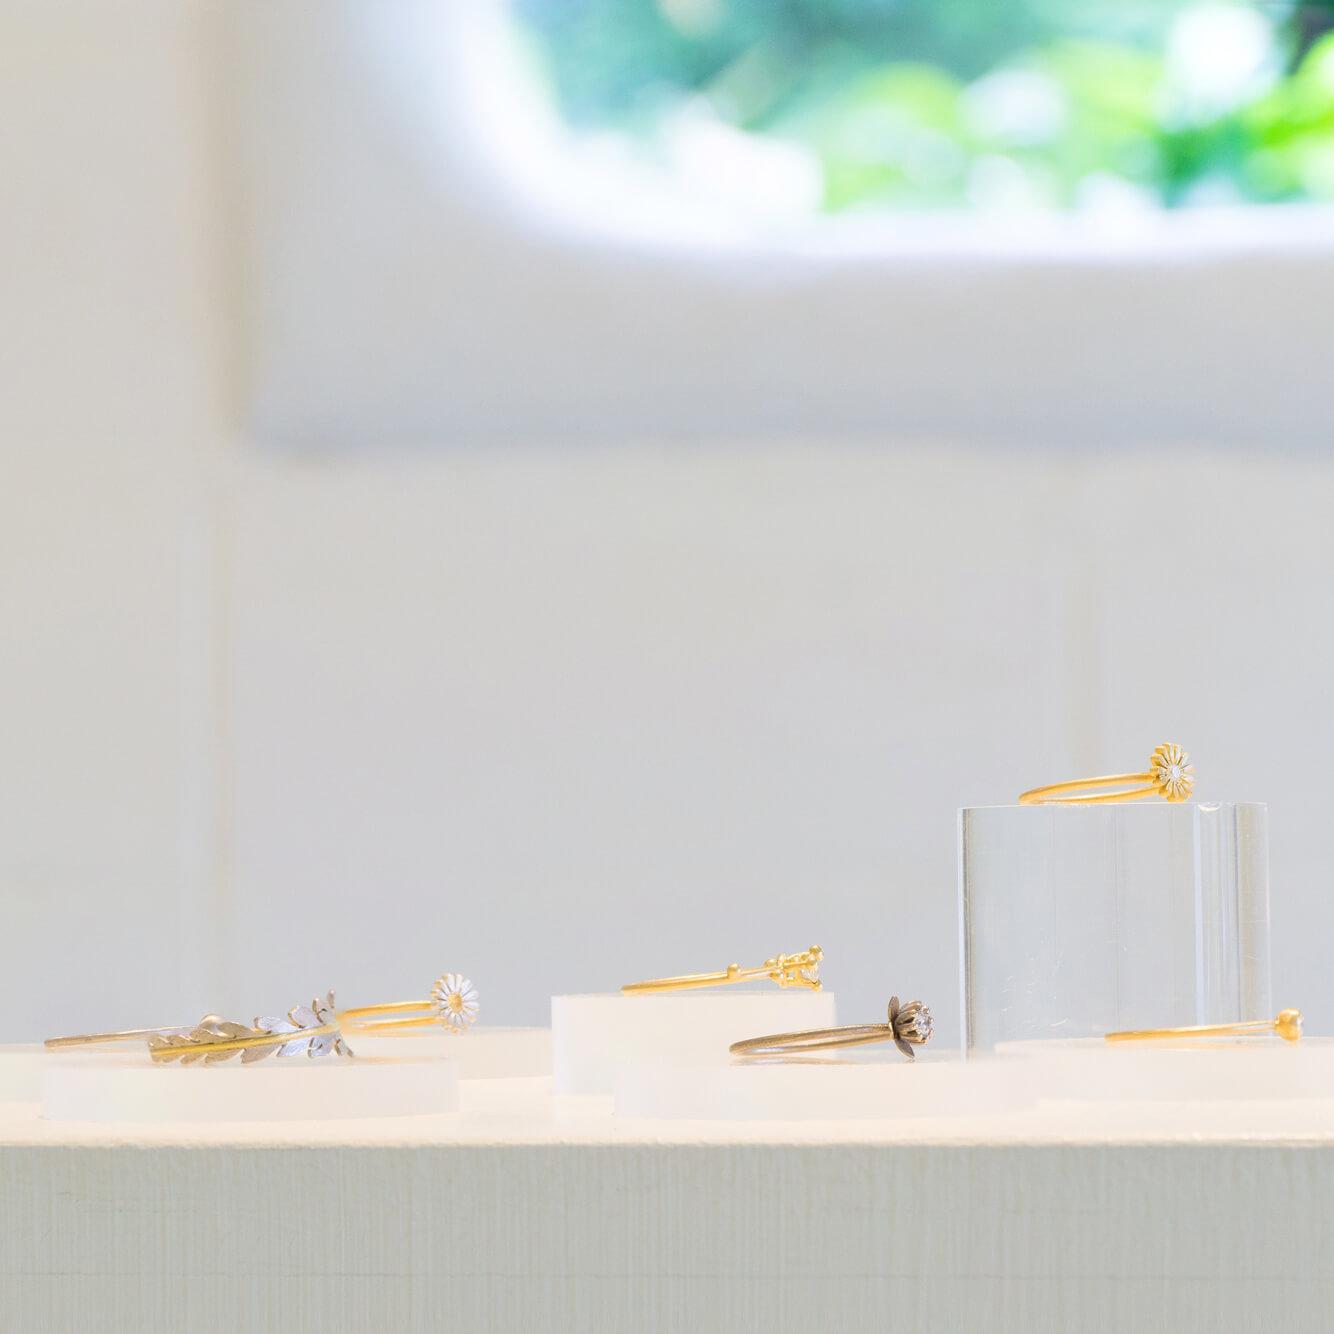 屋久島しずくギャラリーのディスプレイに指輪 ゴールド、プラチナ、ダイヤモンド 屋久島の風景をモチーフ 屋久島でつくる結婚指輪